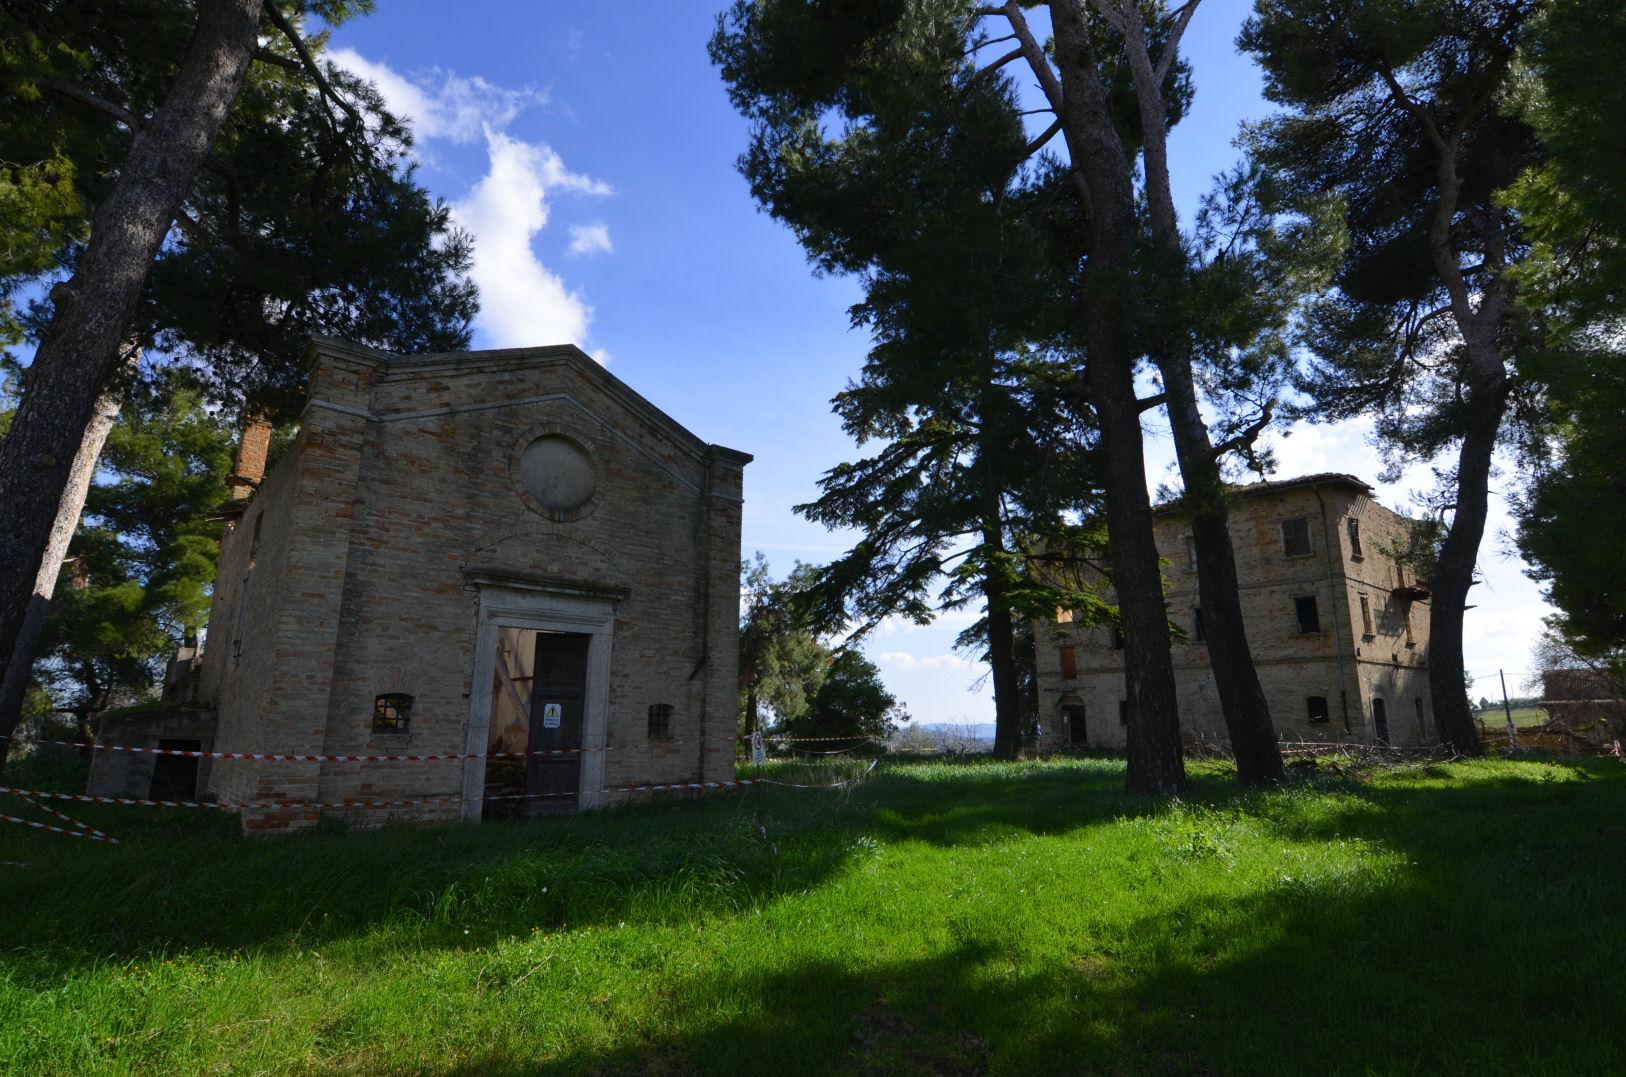 Rustico / Casale in vendita a Appignano del Tronto, 15 locali, zona Località: Collinare, prezzo € 339.000 | CambioCasa.it